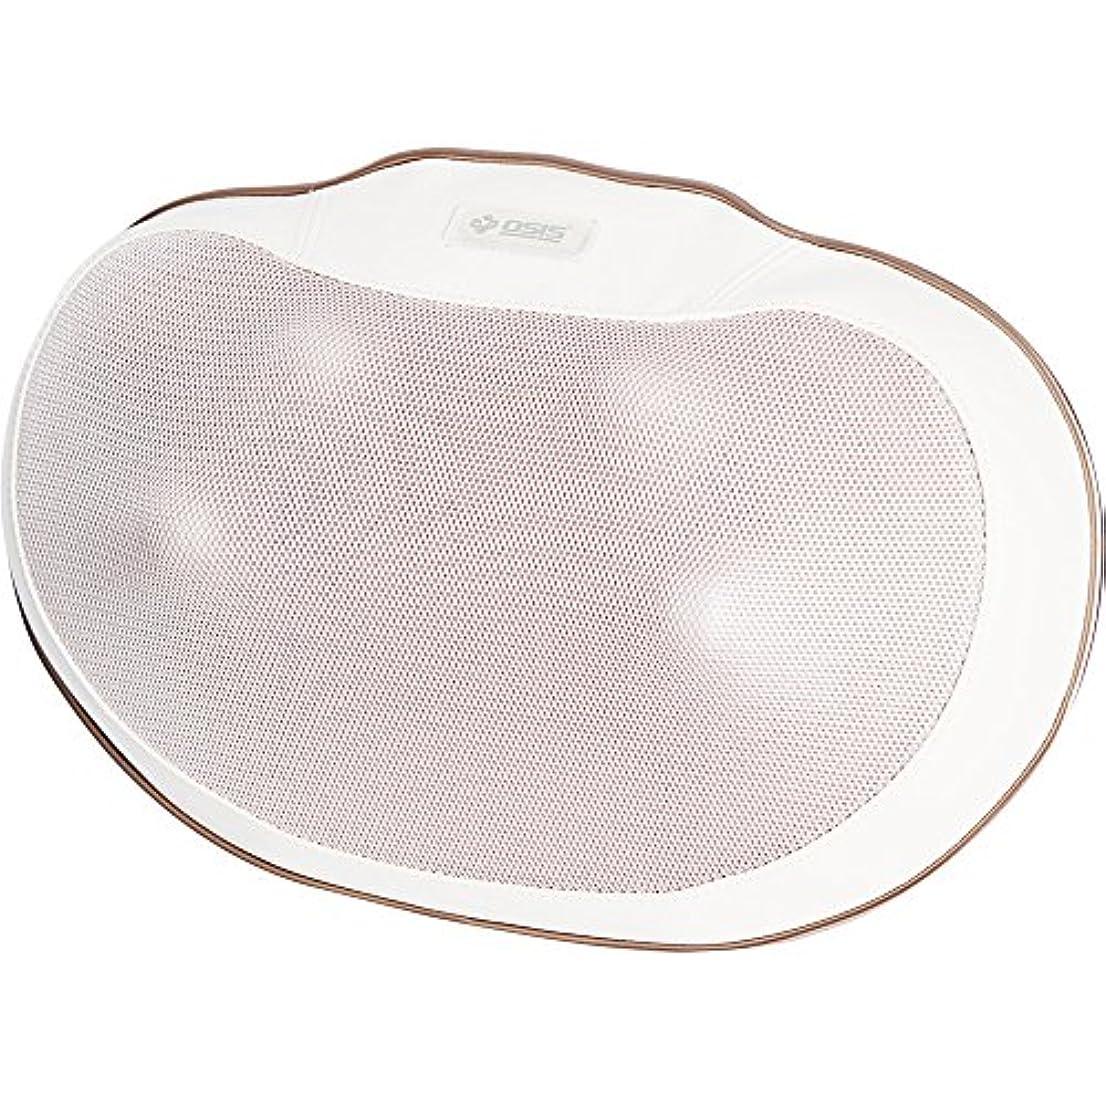 調整するに対処するドックオーシス 枕型マッサージ器